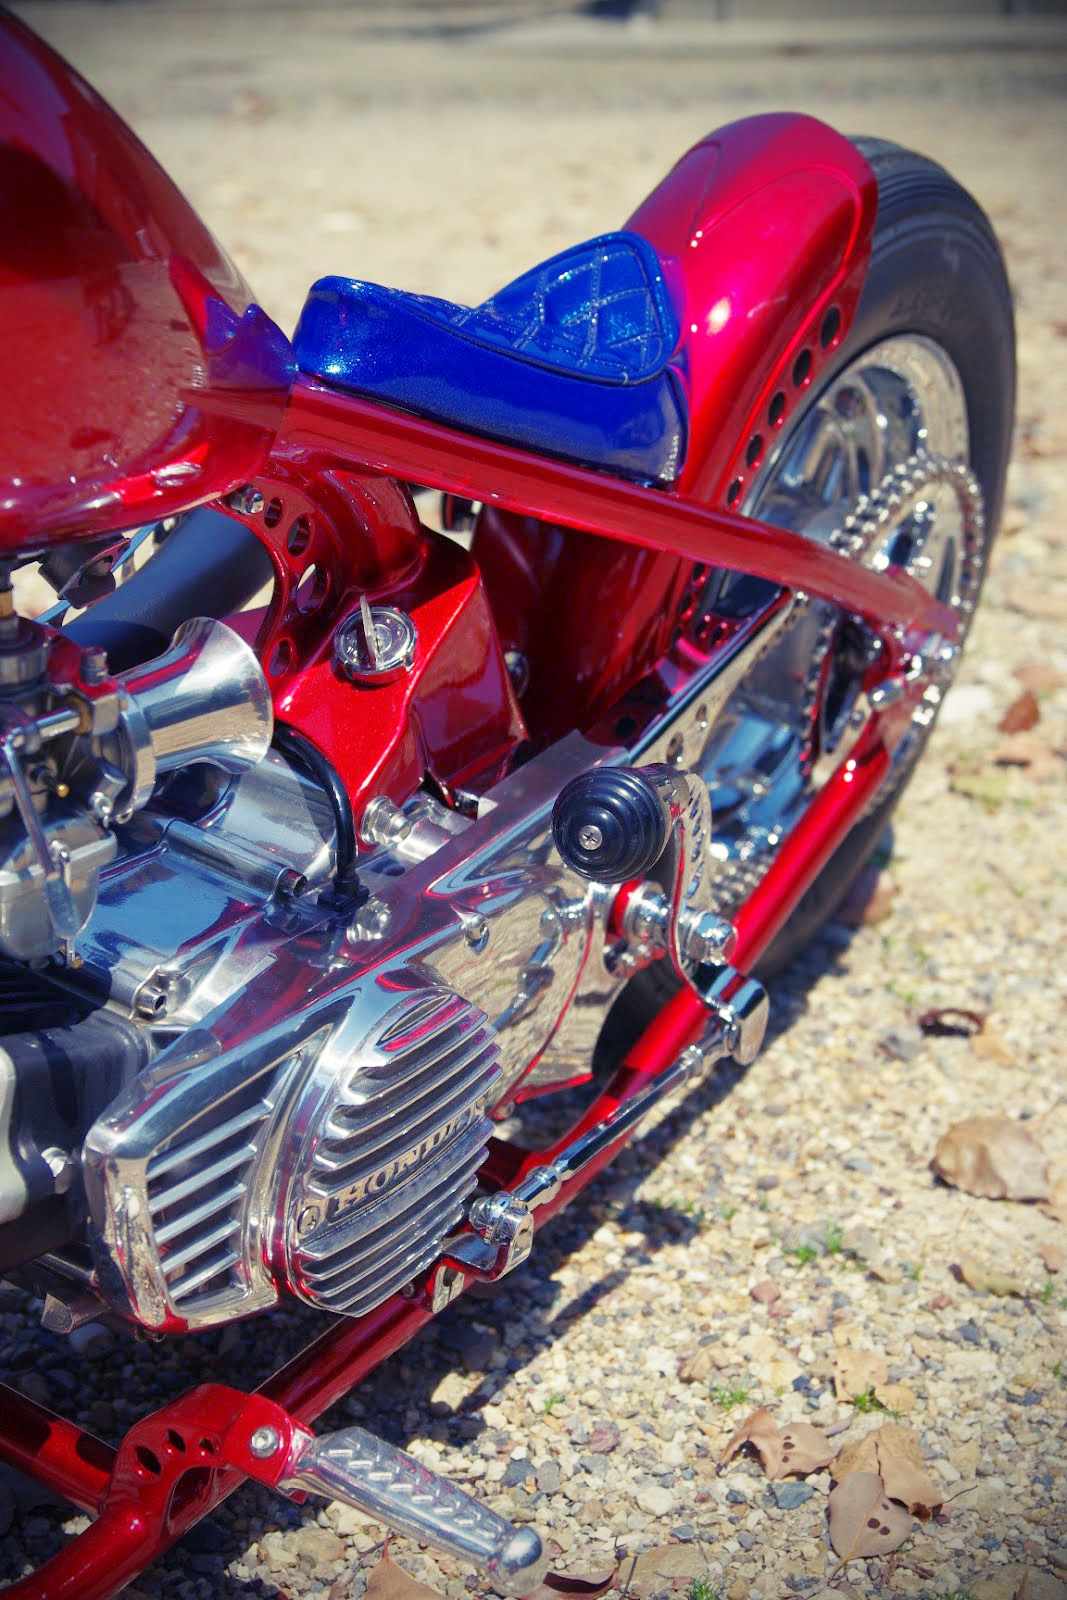 Free The Wheels Cool Mini Bike